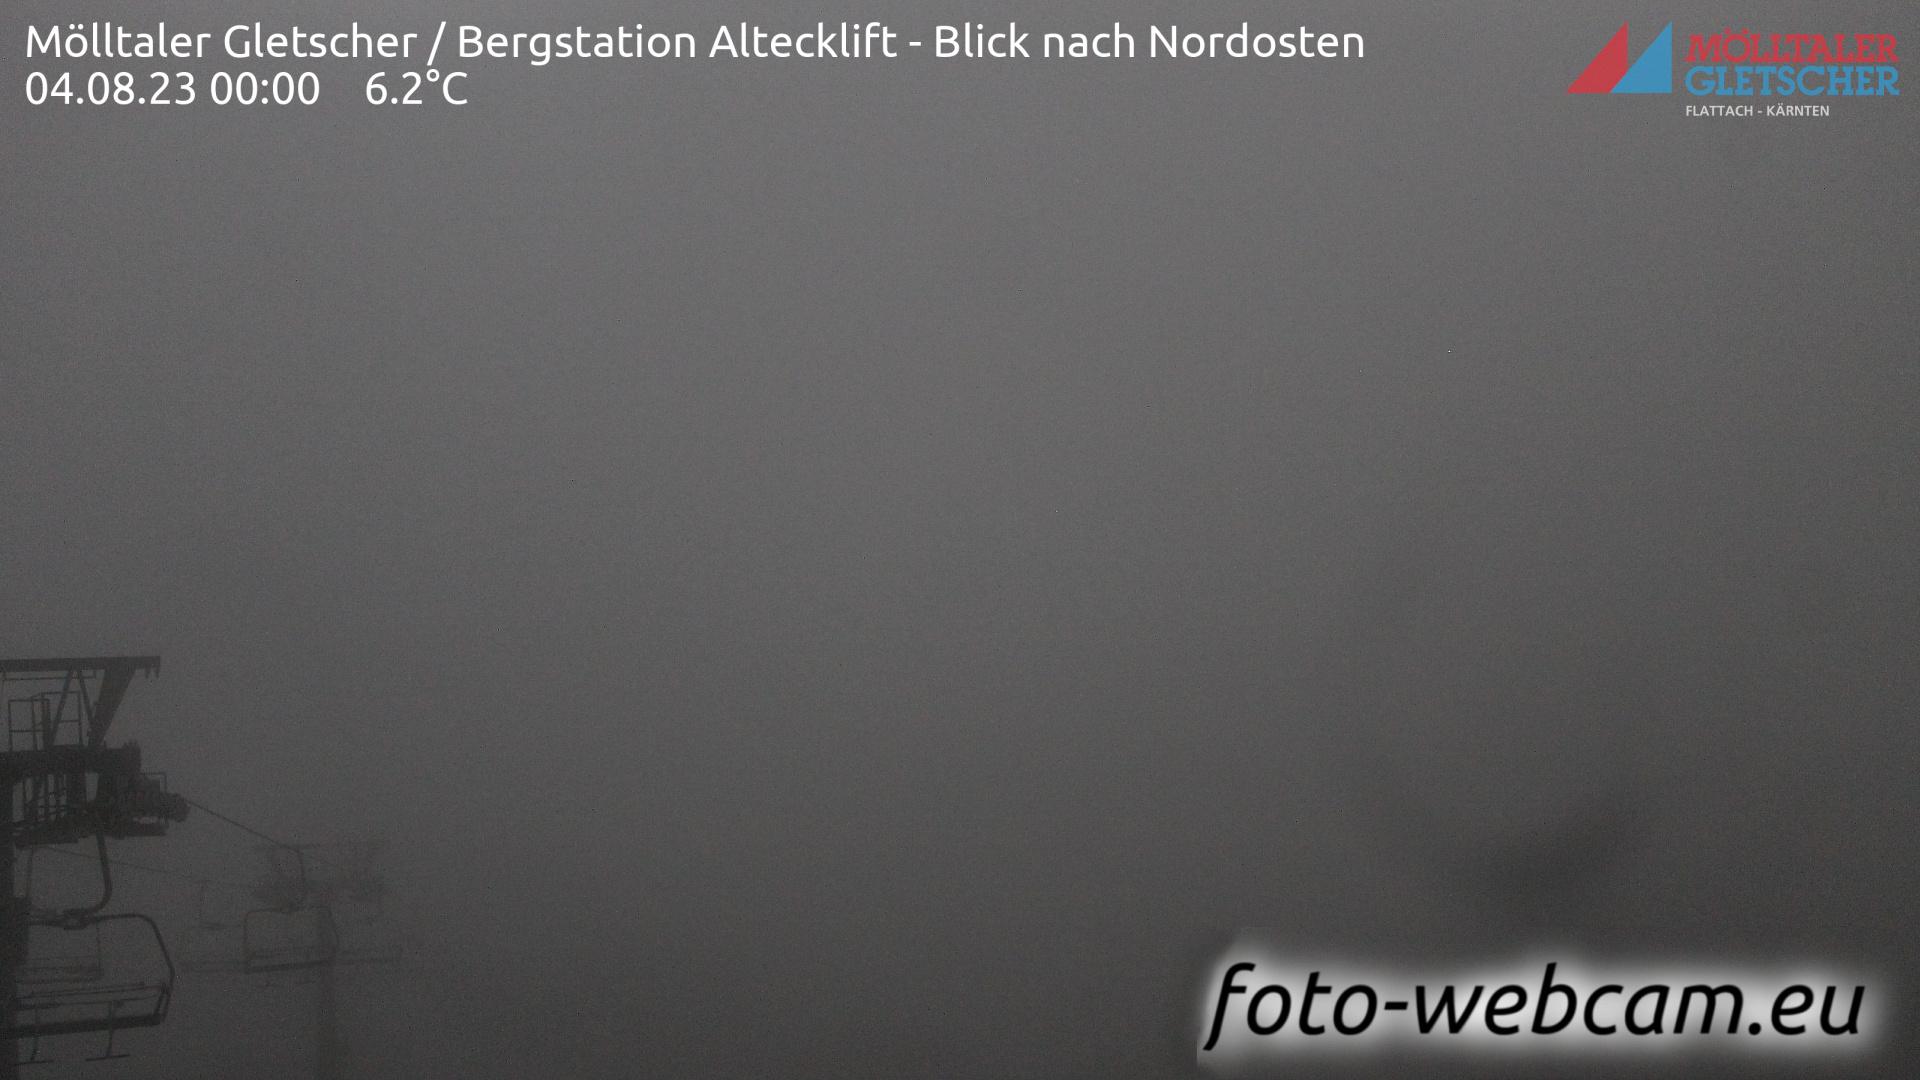 Mölltaler Gletscher Fr. 00:32